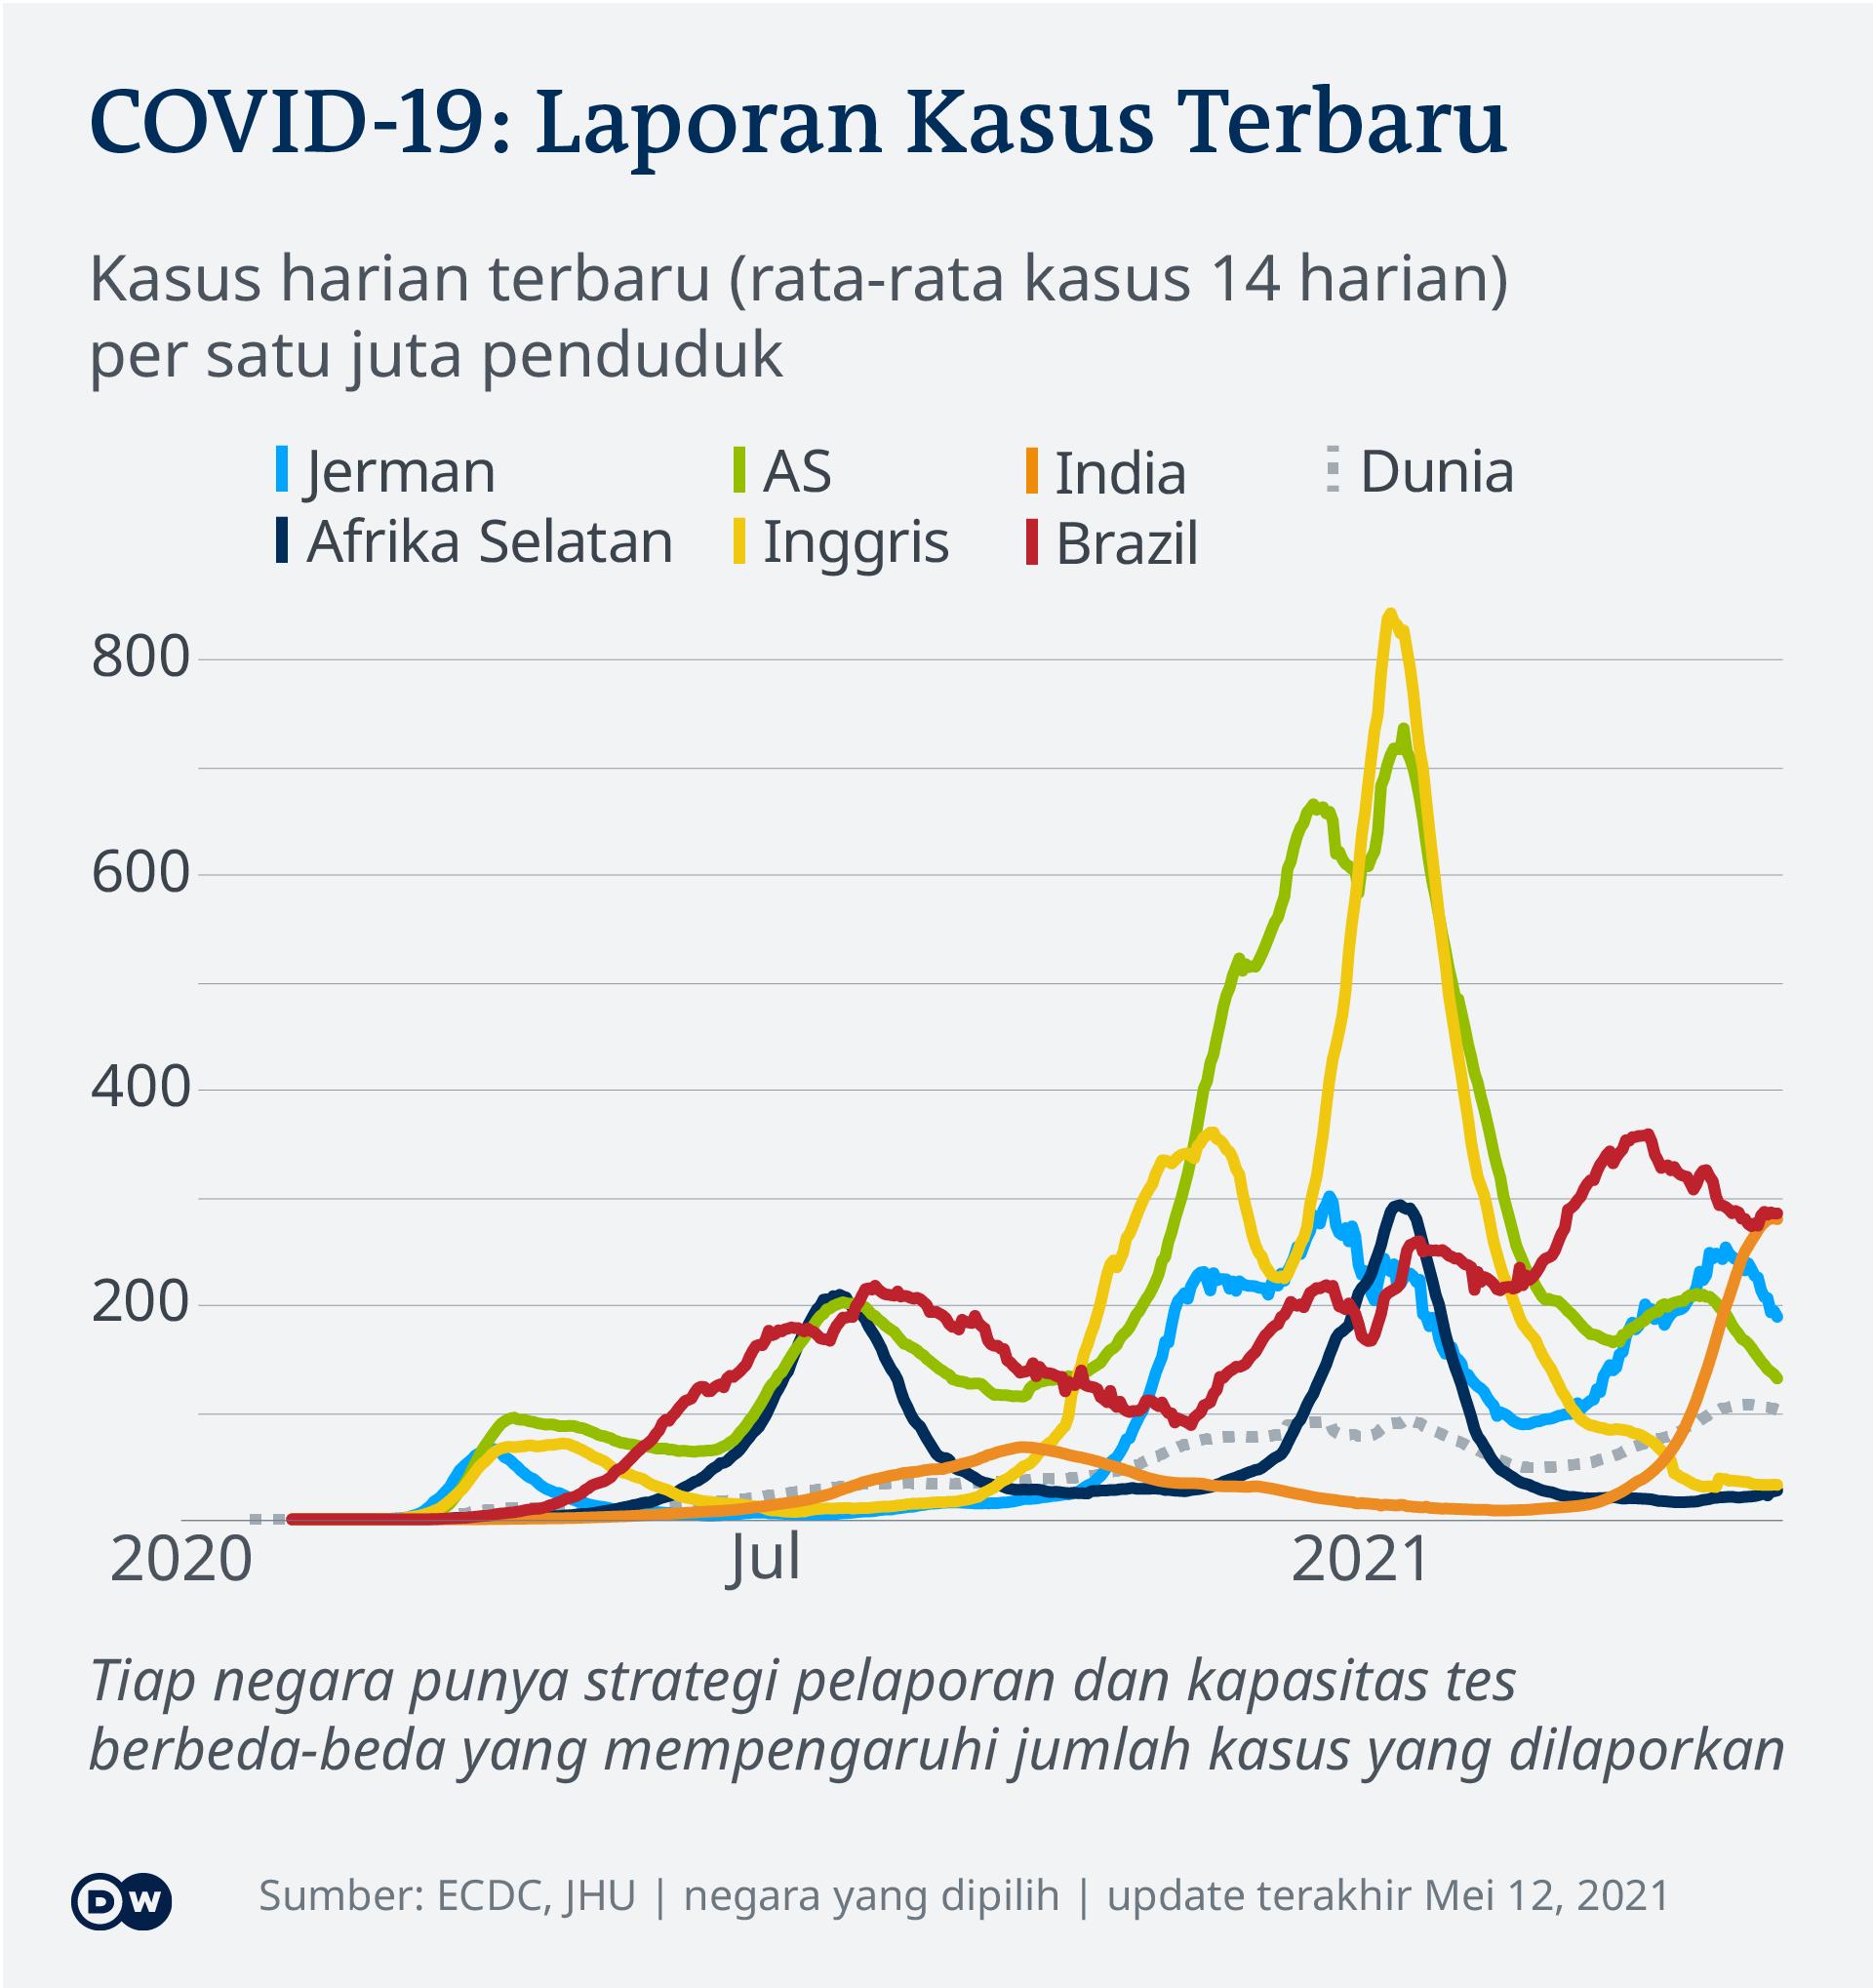 Laju infeksi harian Covid-19 di beberapa negara sampai 12 Mei 2021